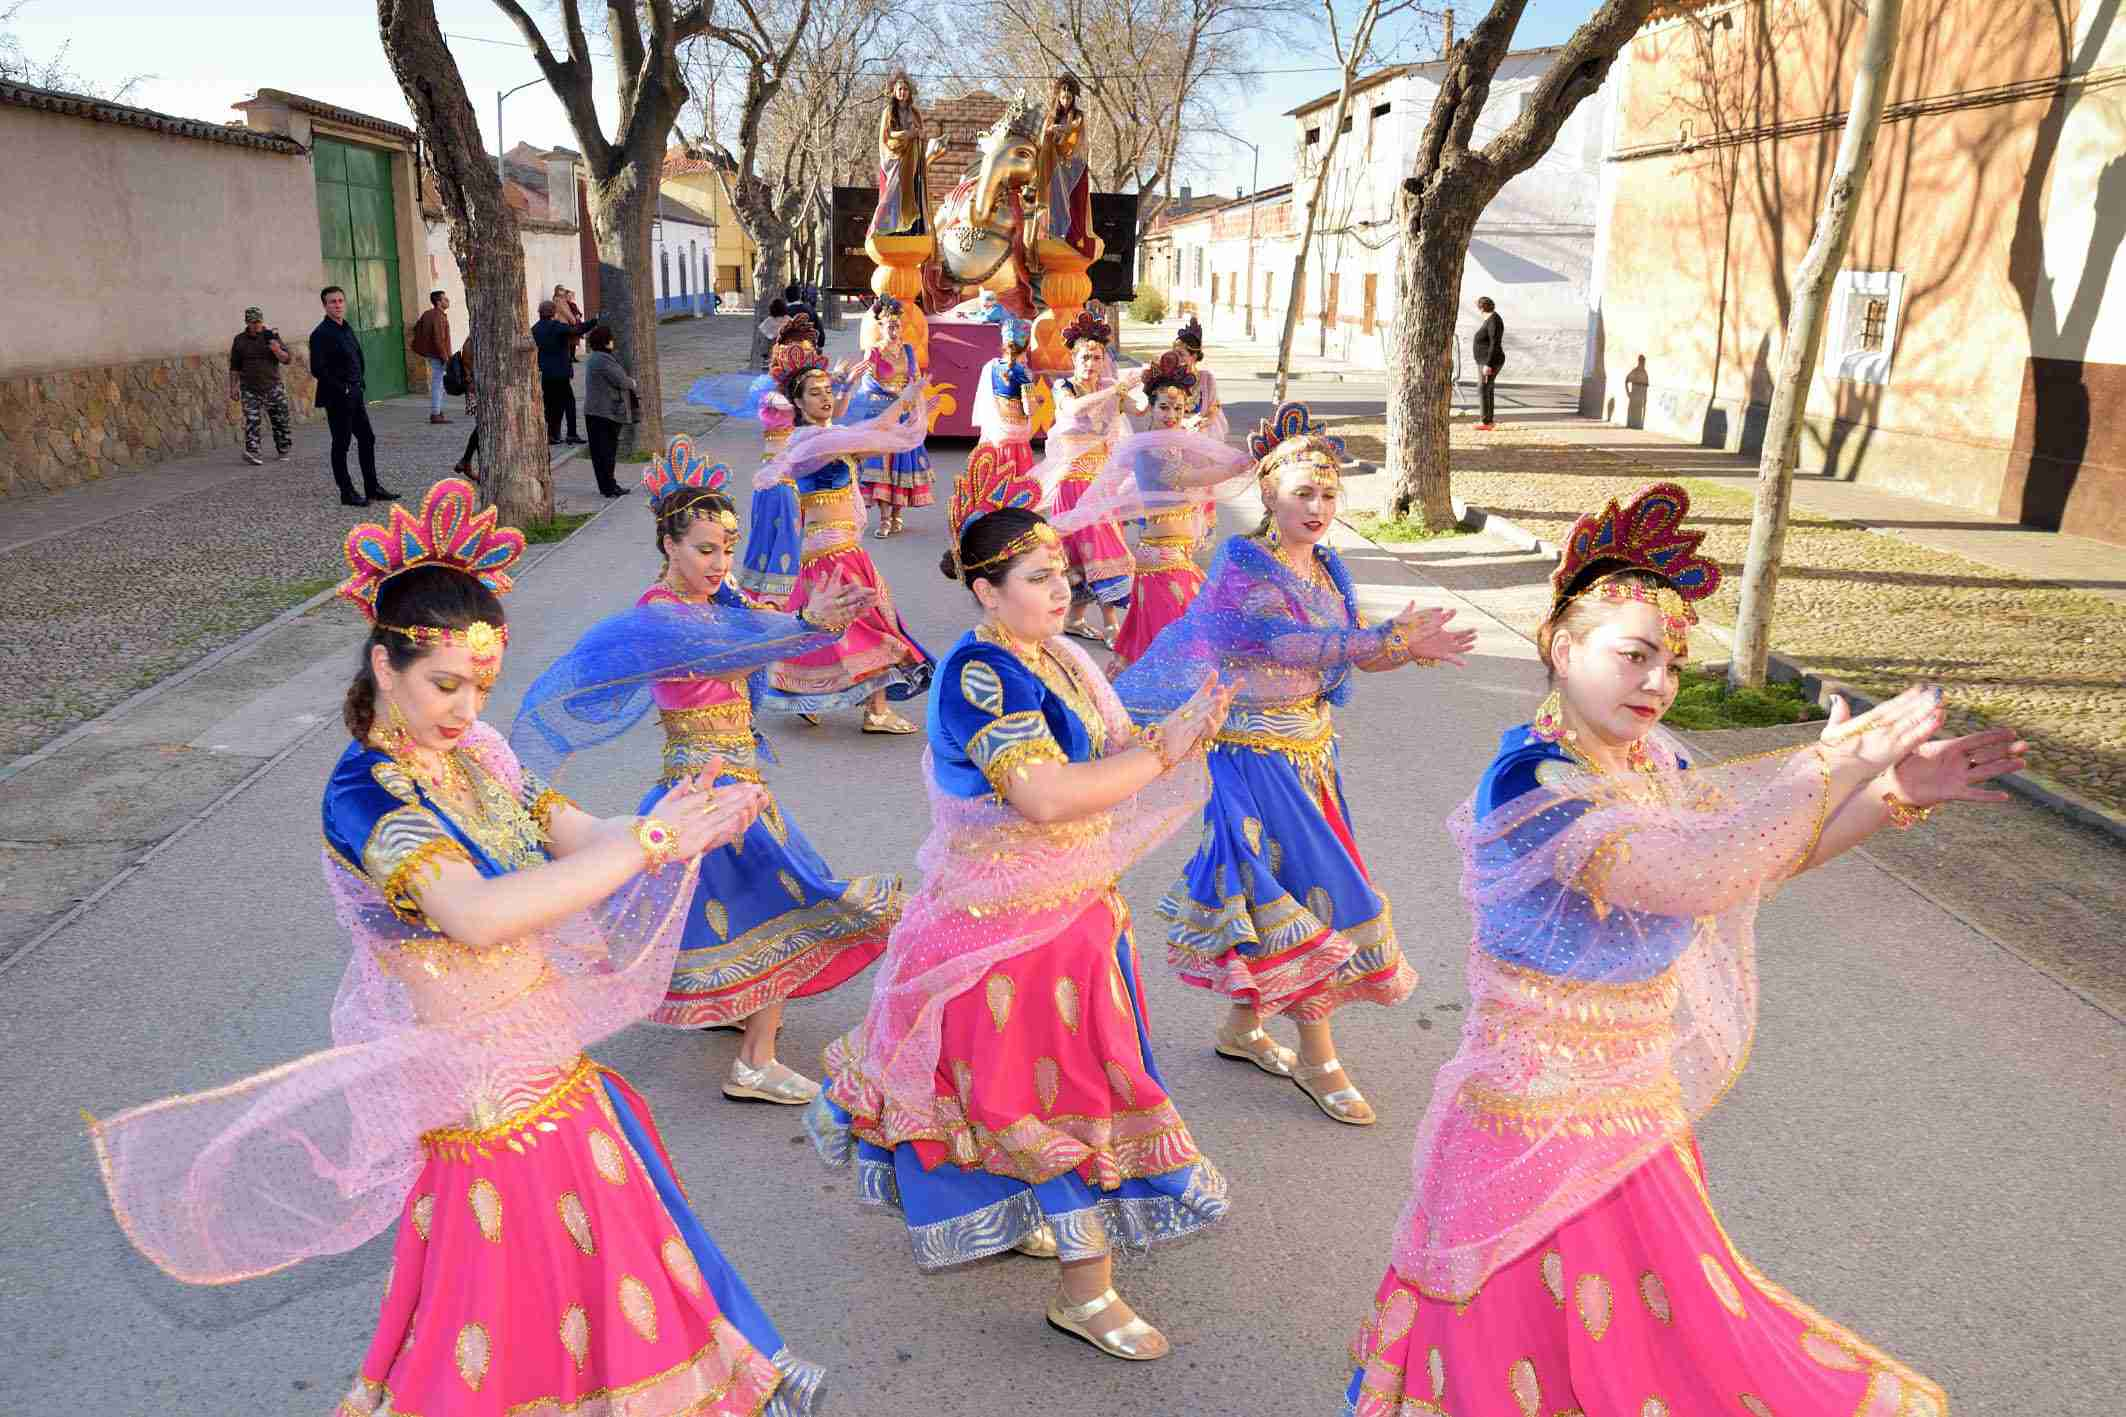 Ritmo, color y mucha originalidad en el Desfile de Comparsas 2020 de Argamasilla de Alba 35